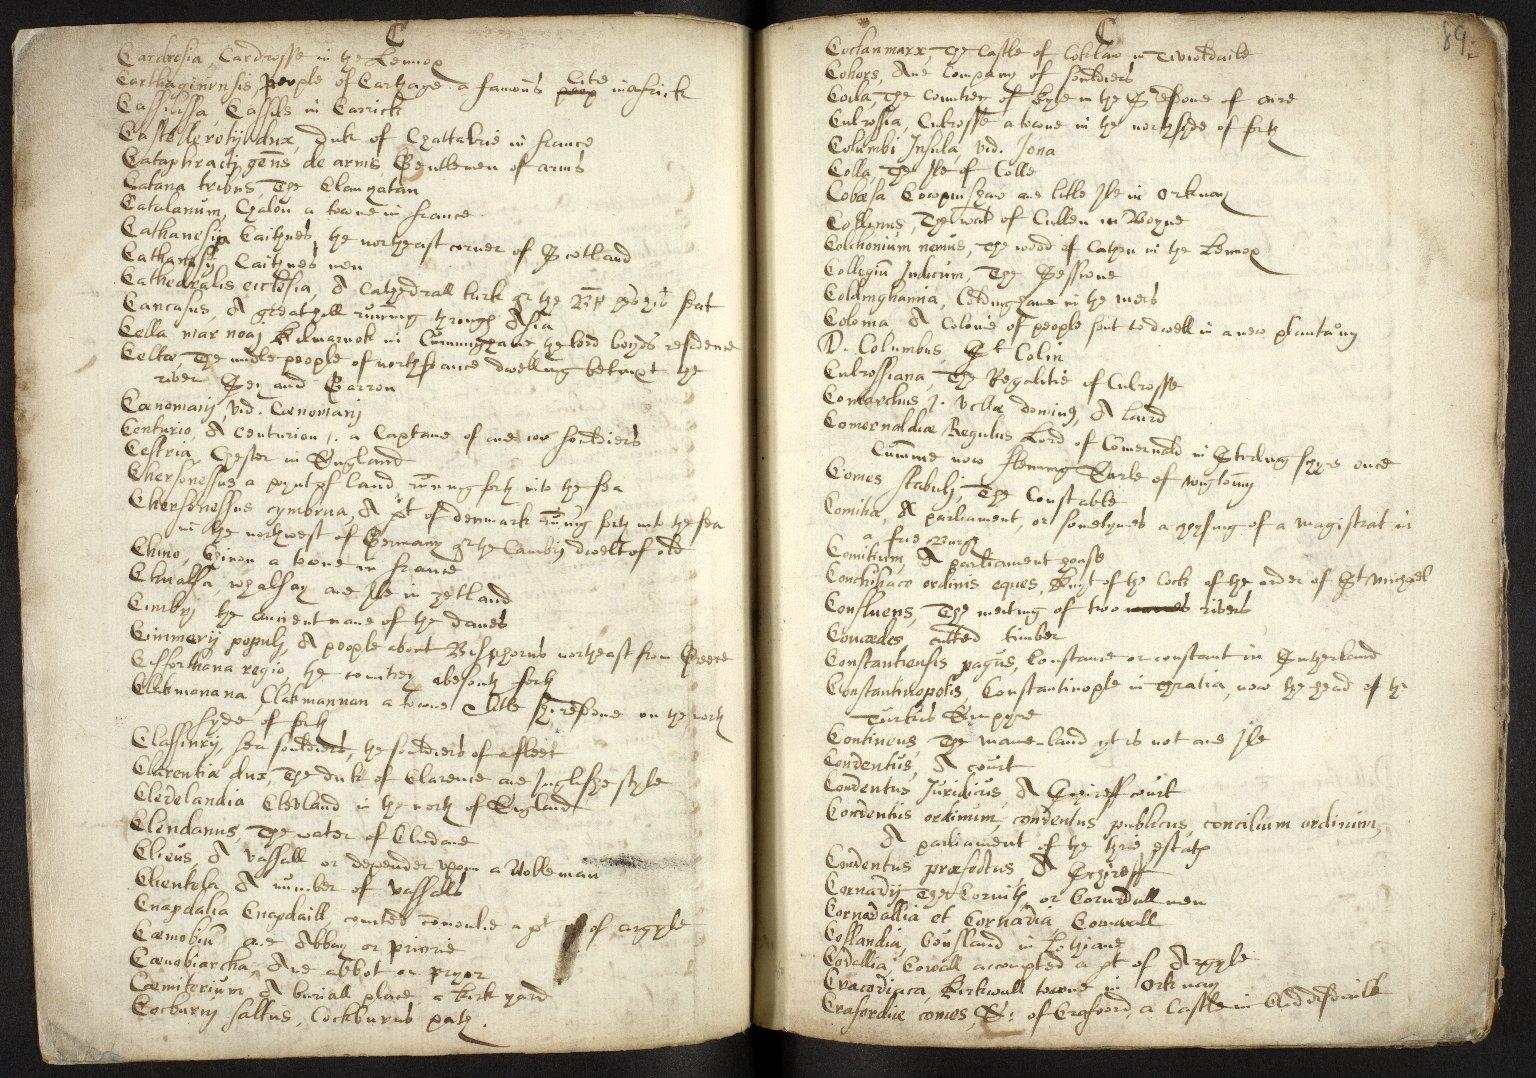 Nomenclator Geographicus ad historiam Buchanan cum interpretatione aliarum etiam vocum difficiliorum [05 of 16]